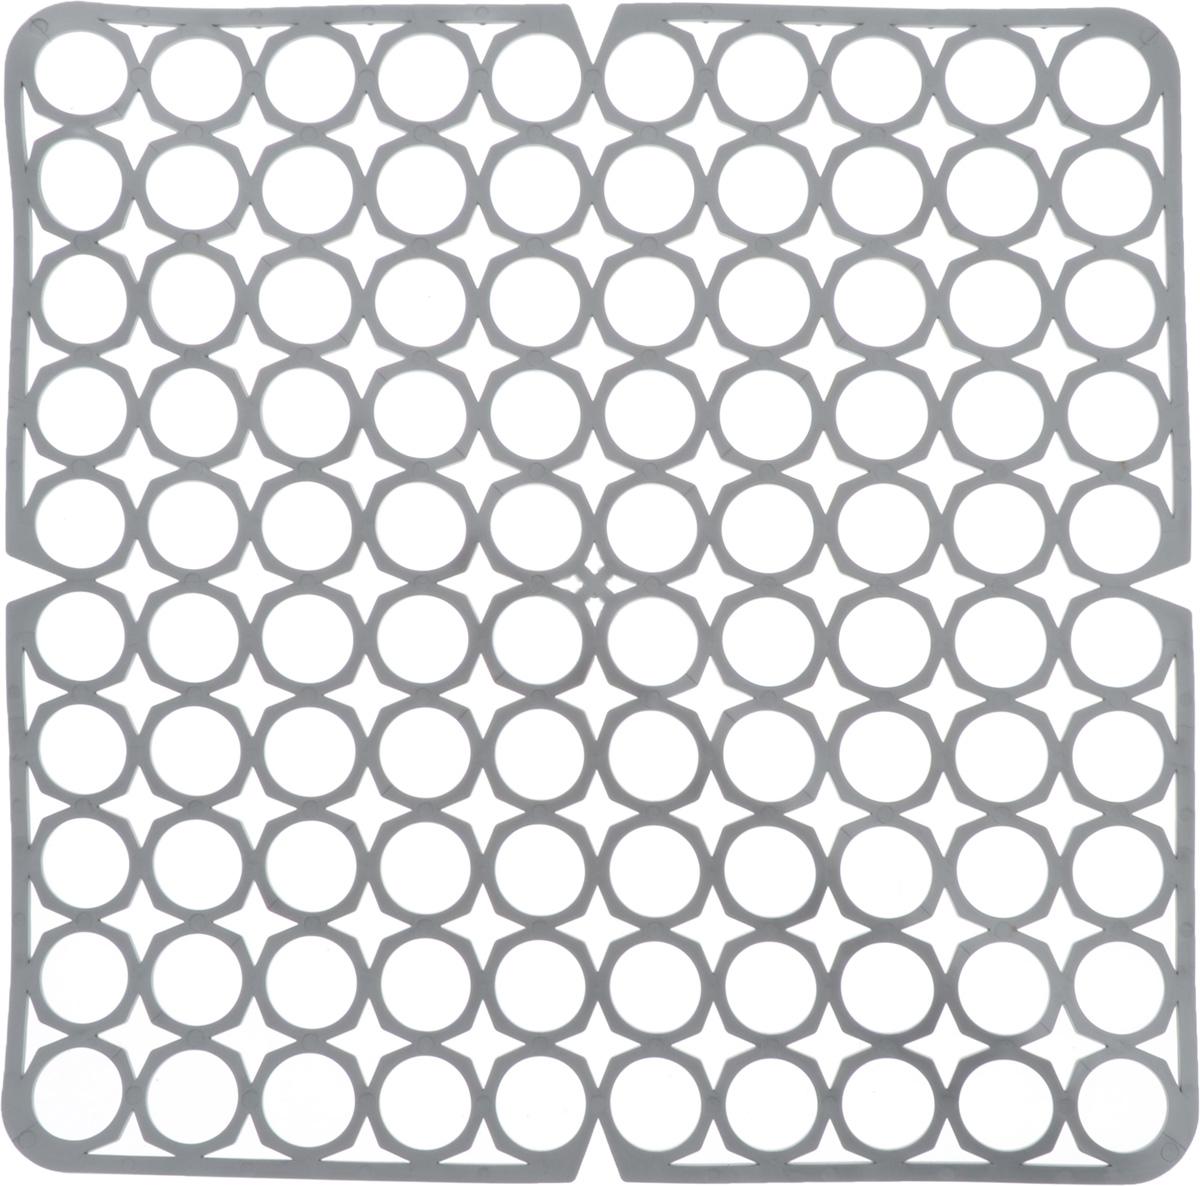 Коврик для раковины York, цвет: серый, 27,5 х 27,5 см9561/095610_серыйСтильный и удобный коврик для раковины York изготовлен из сложных полимеров. Он одновременно выполняет несколько функций: украшает, защищает мойку от царапин и сколов, смягчает удары при падении посуды в мойку. Коврик также можно использовать для сушки посуды, фруктов и овощей. Он легко очищается от грязи и жира.